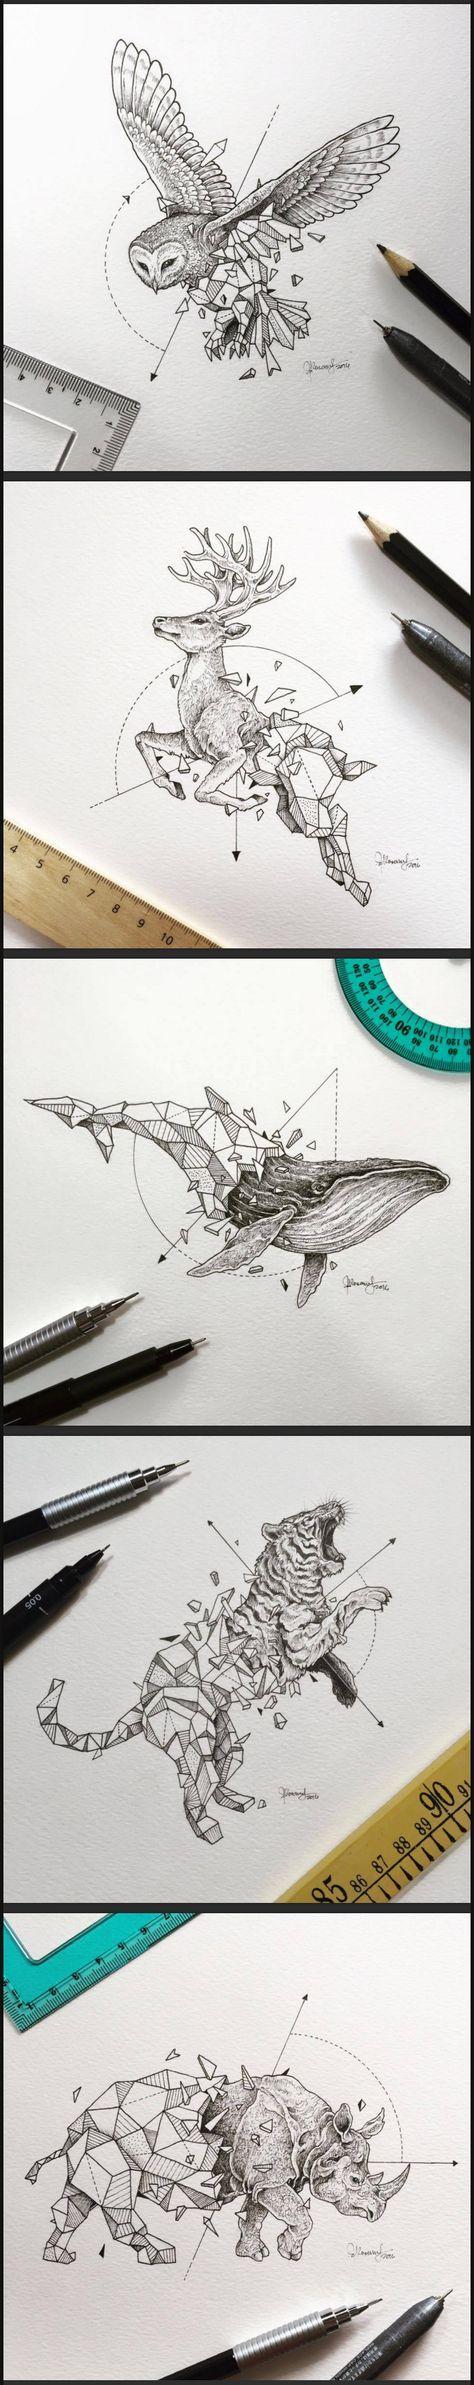 Übergang vom Zeichnen vom Tier zu geometrischen Formen und Berechnungen